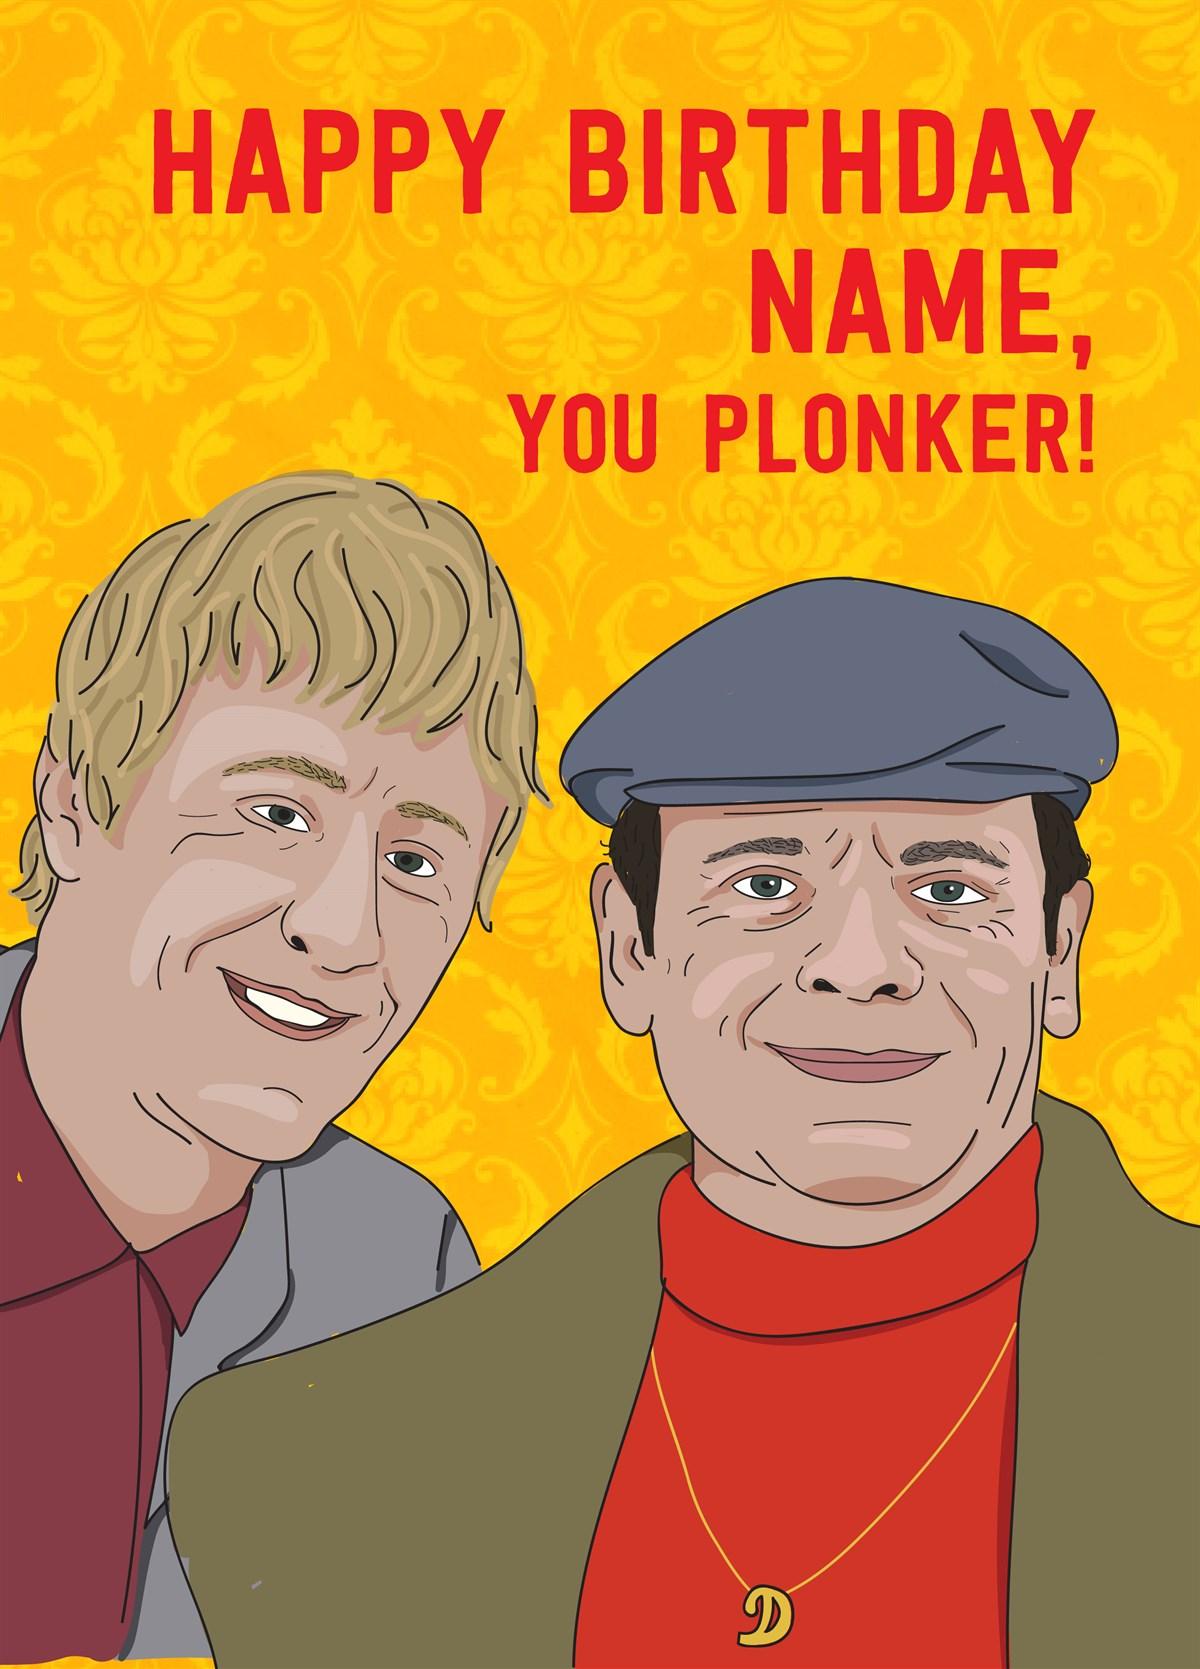 Happy Birthday You Plonker